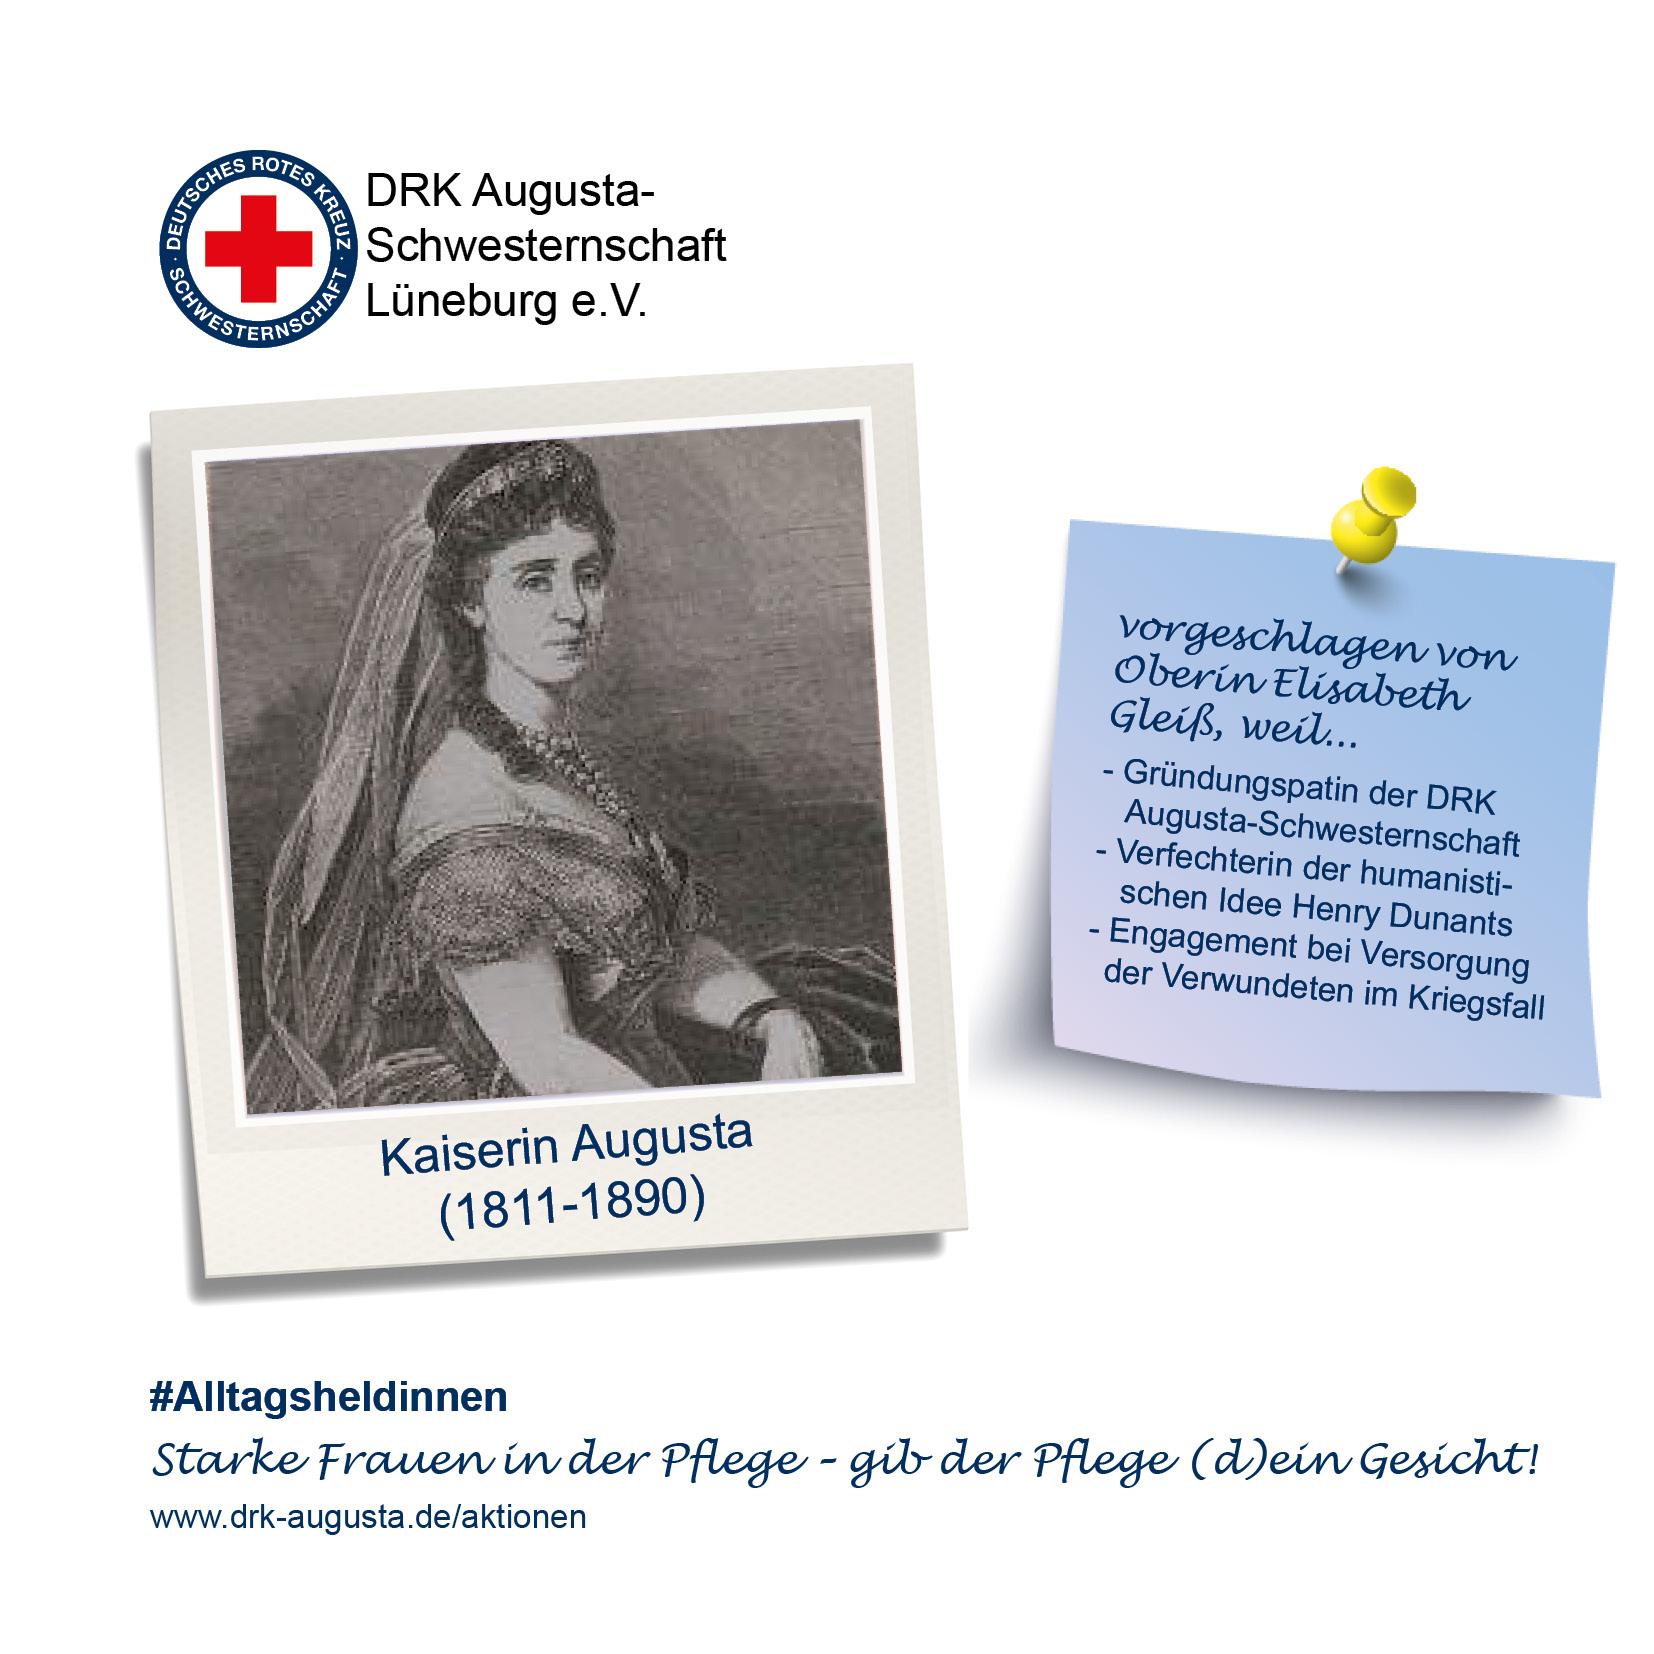 Nominierung Kaiserin Augusta